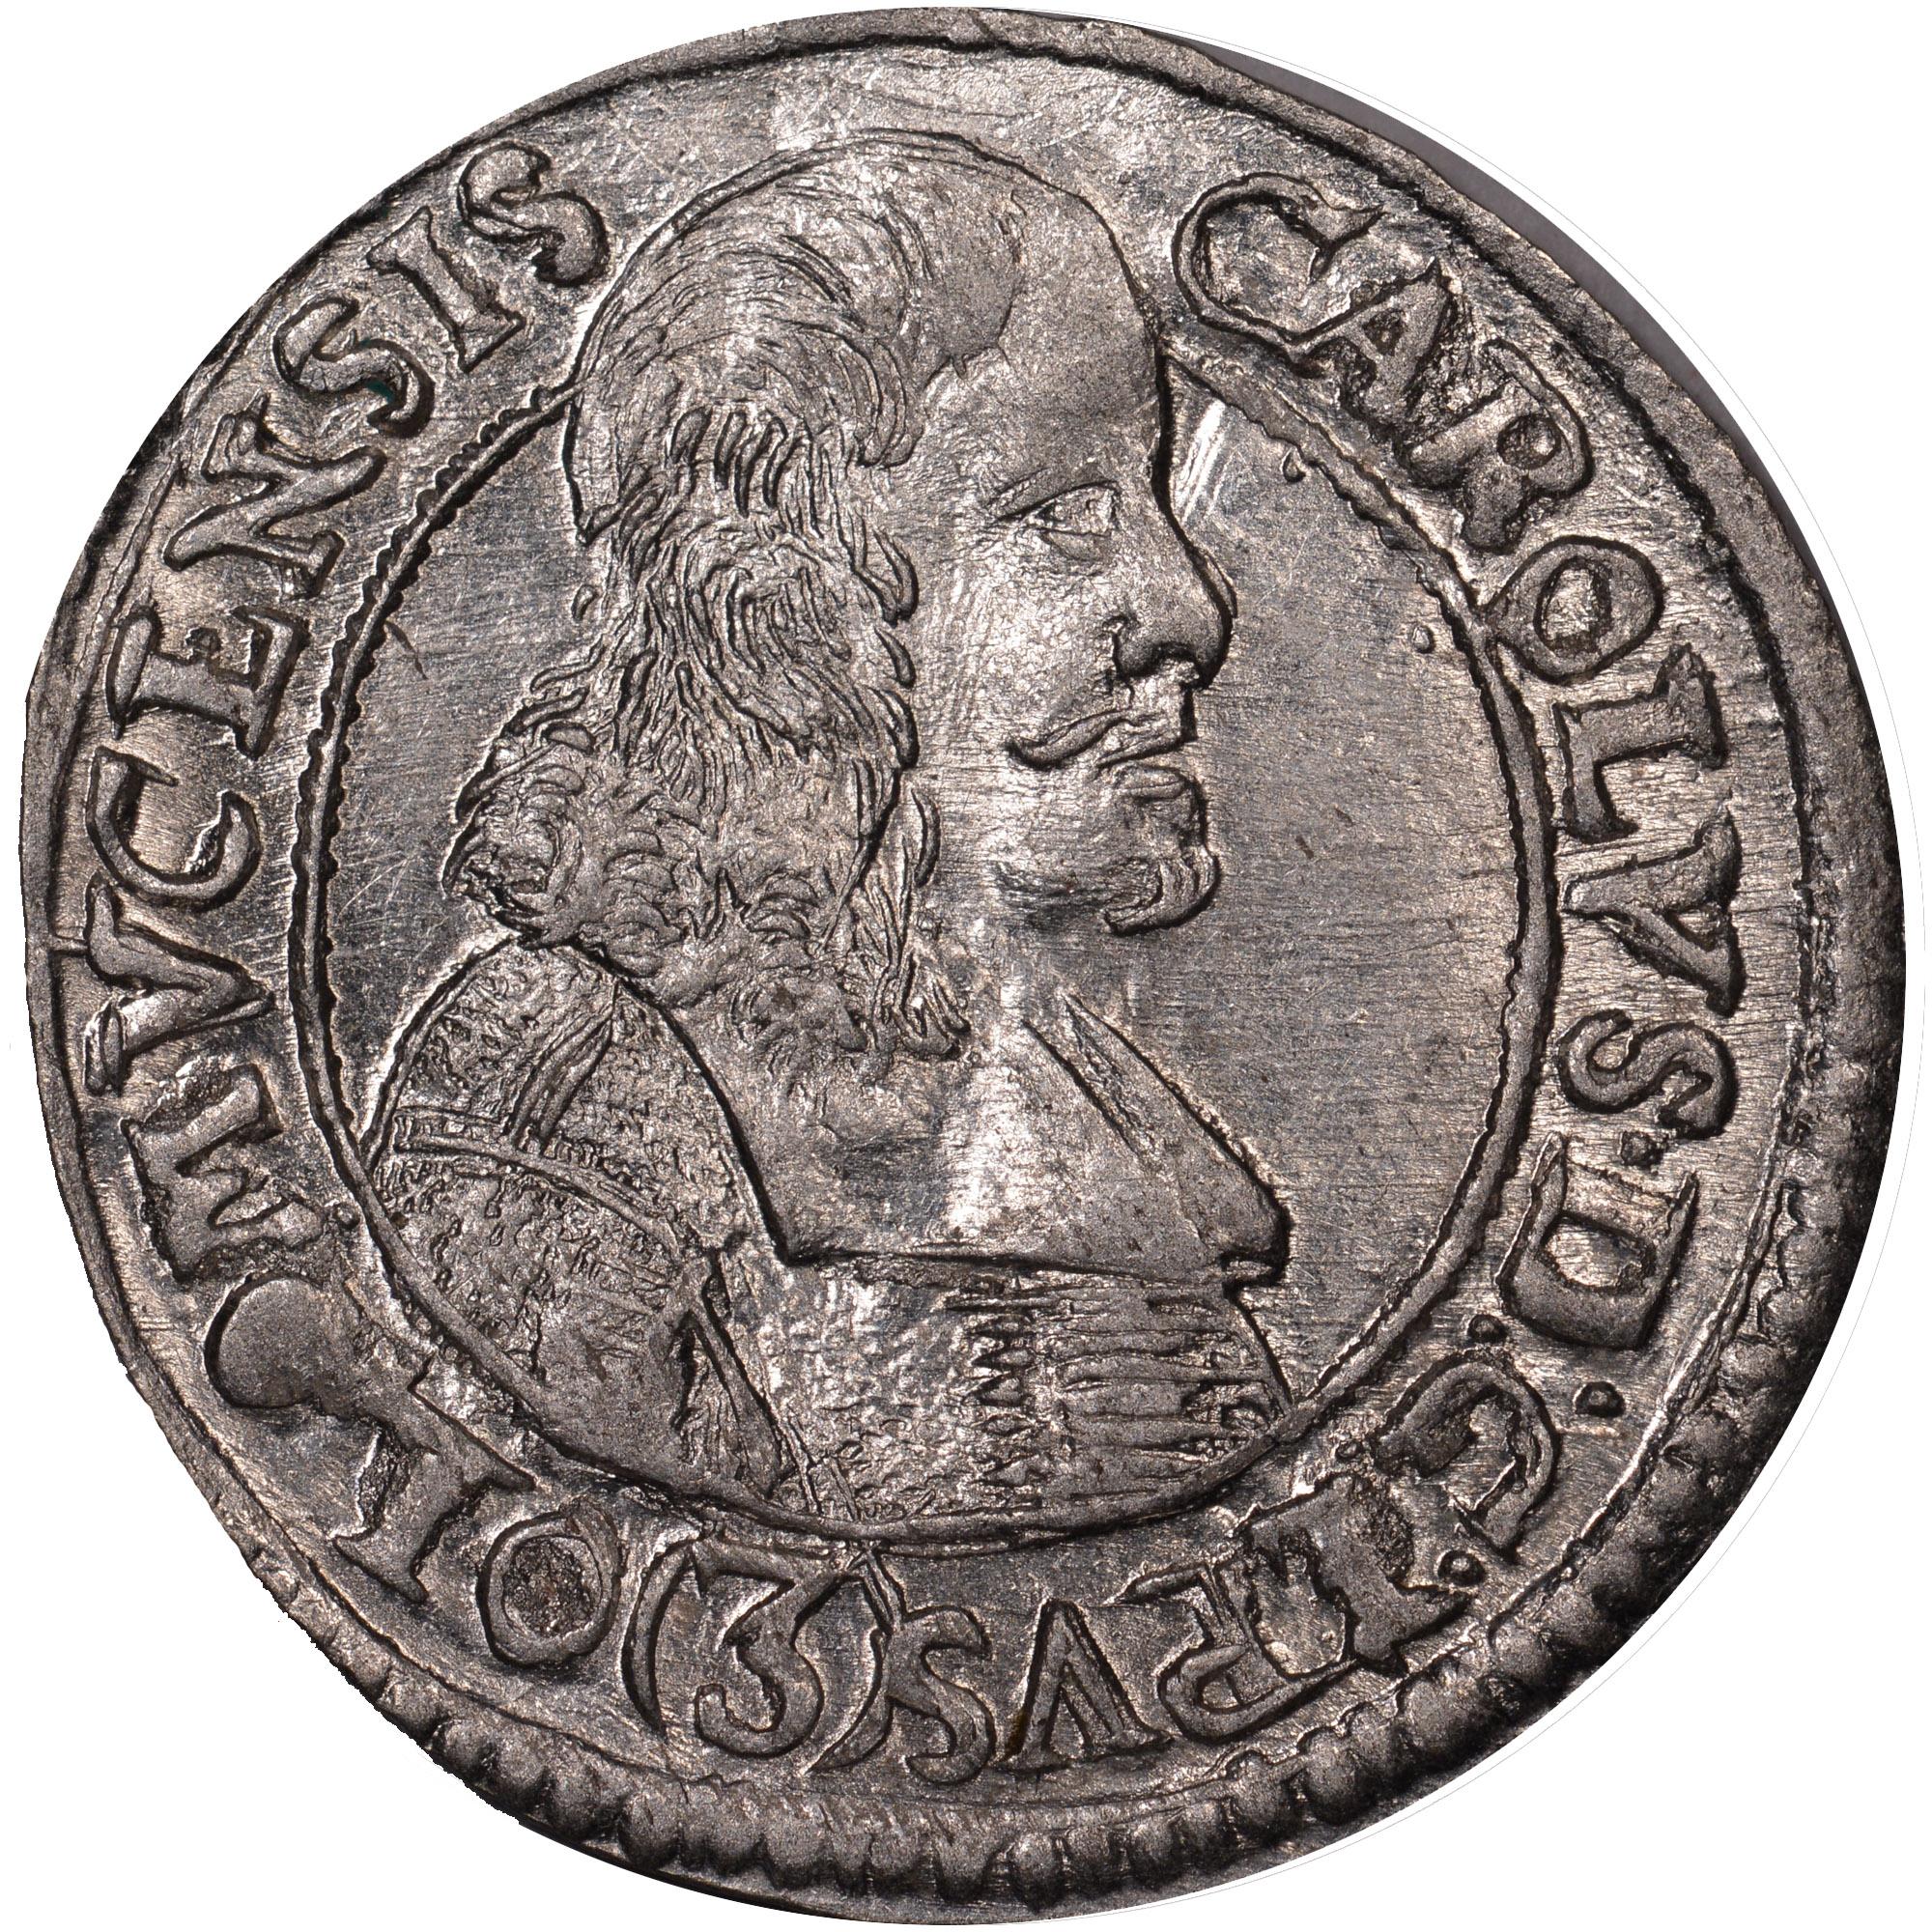 1665-1673 Austrian States OLMUTZ 3 Kreuzer obverse